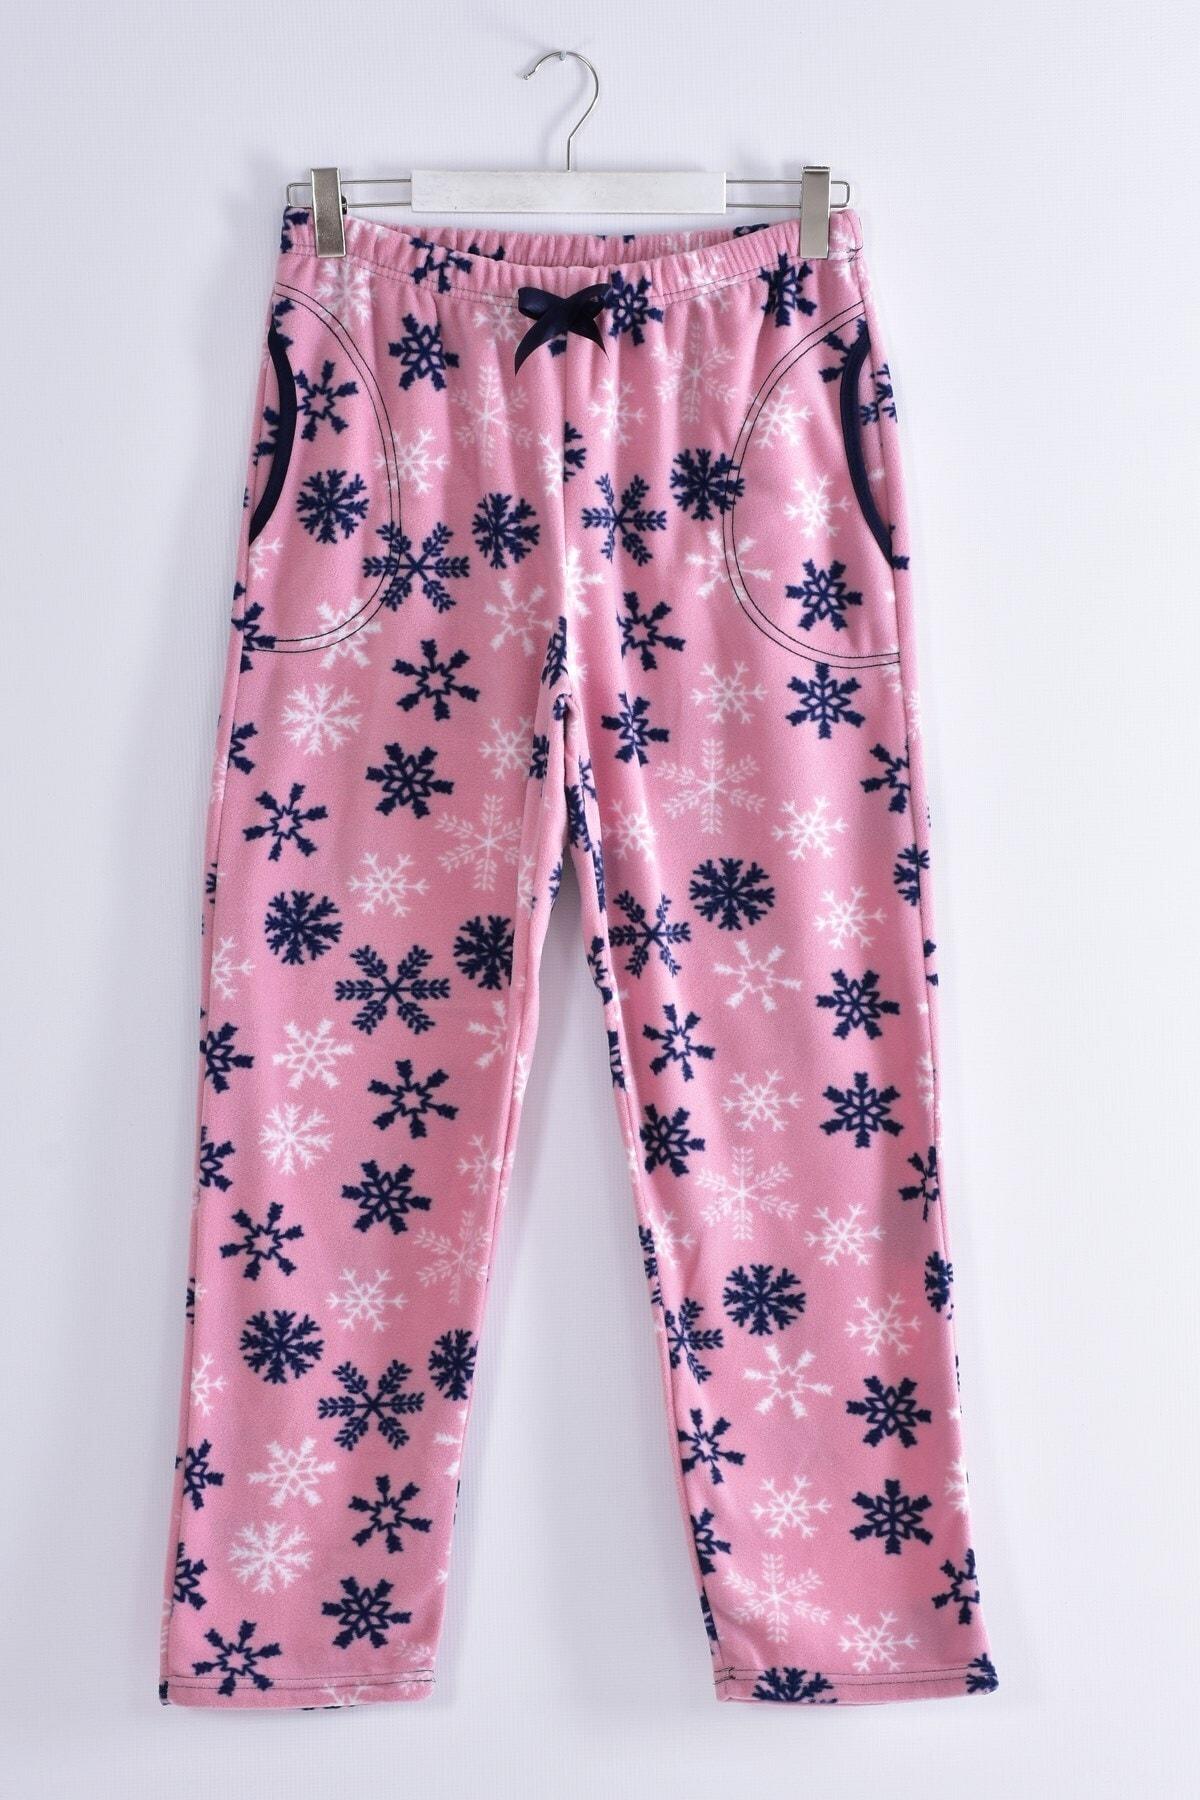 Pemilo Kadın Pudra Büyük Beden Cepli Welsoft Polar Tek Pijama Alt 245-03 1